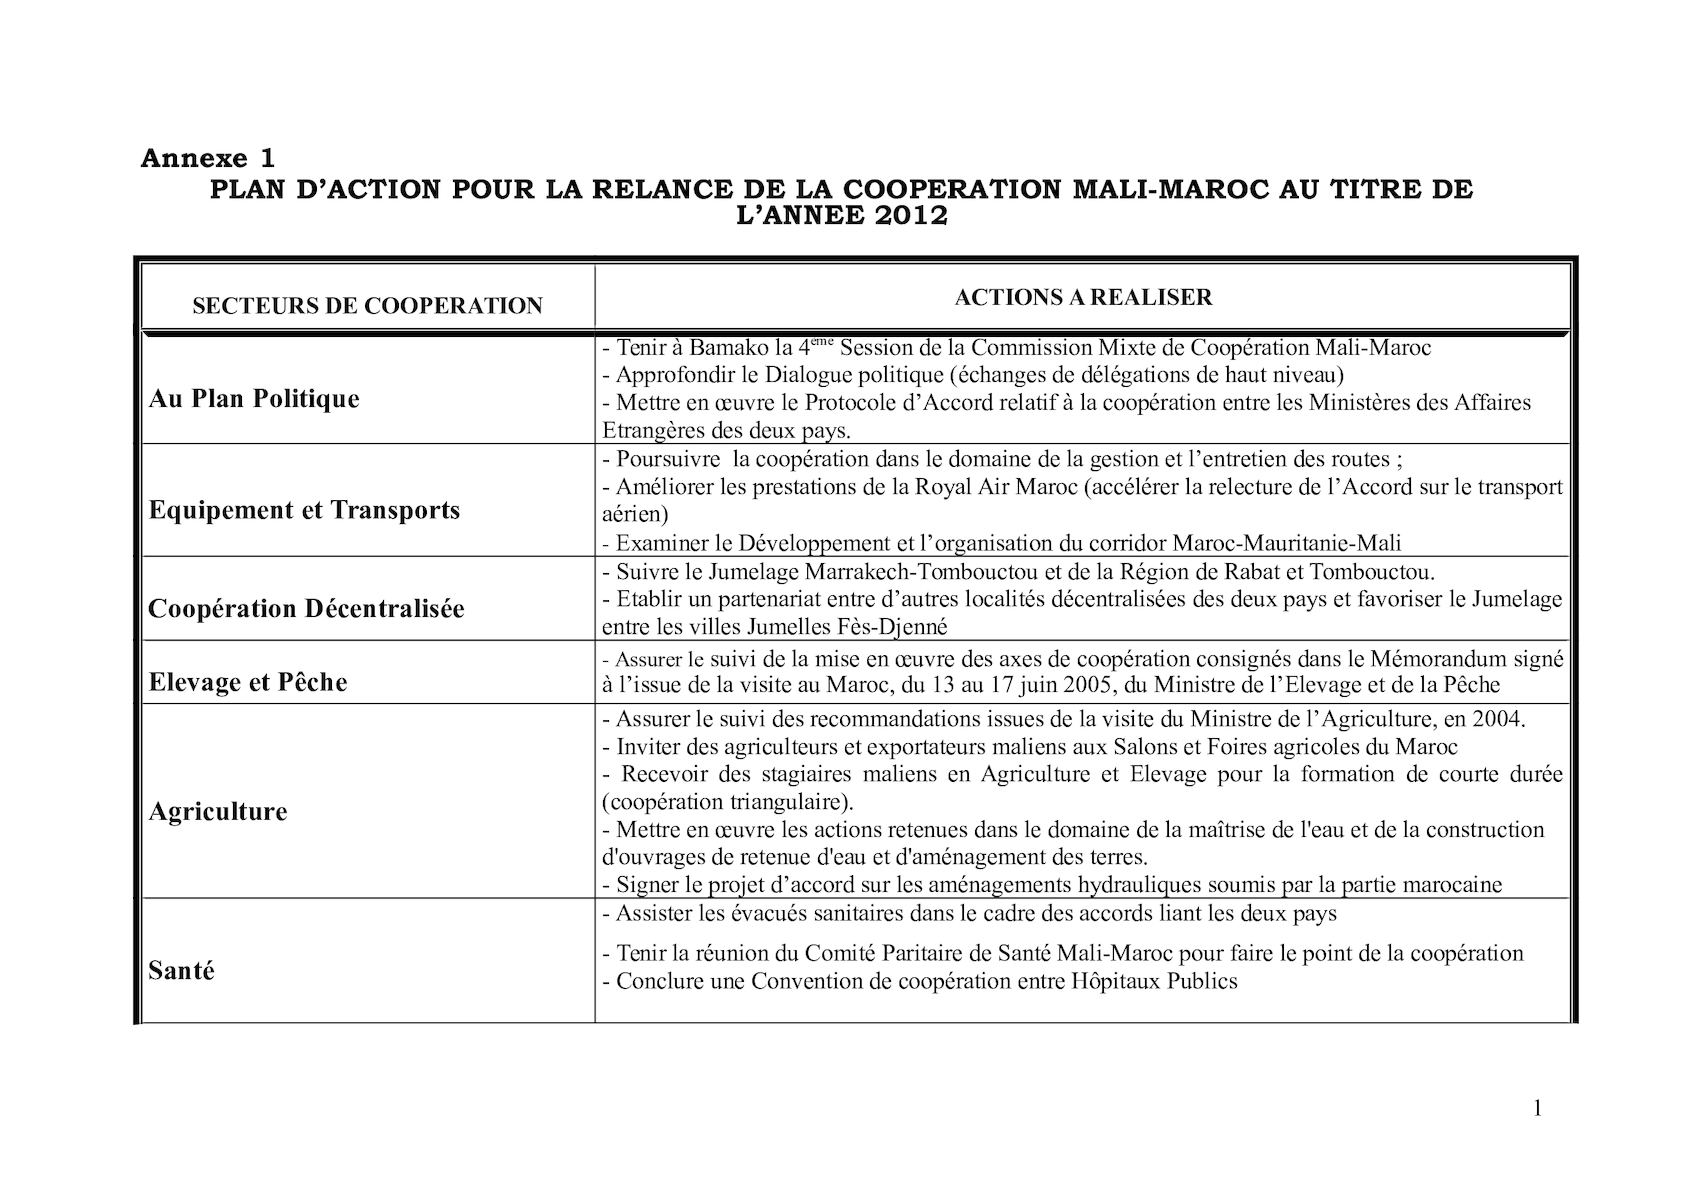 PLAN D'ACTION 2012 - Document Final